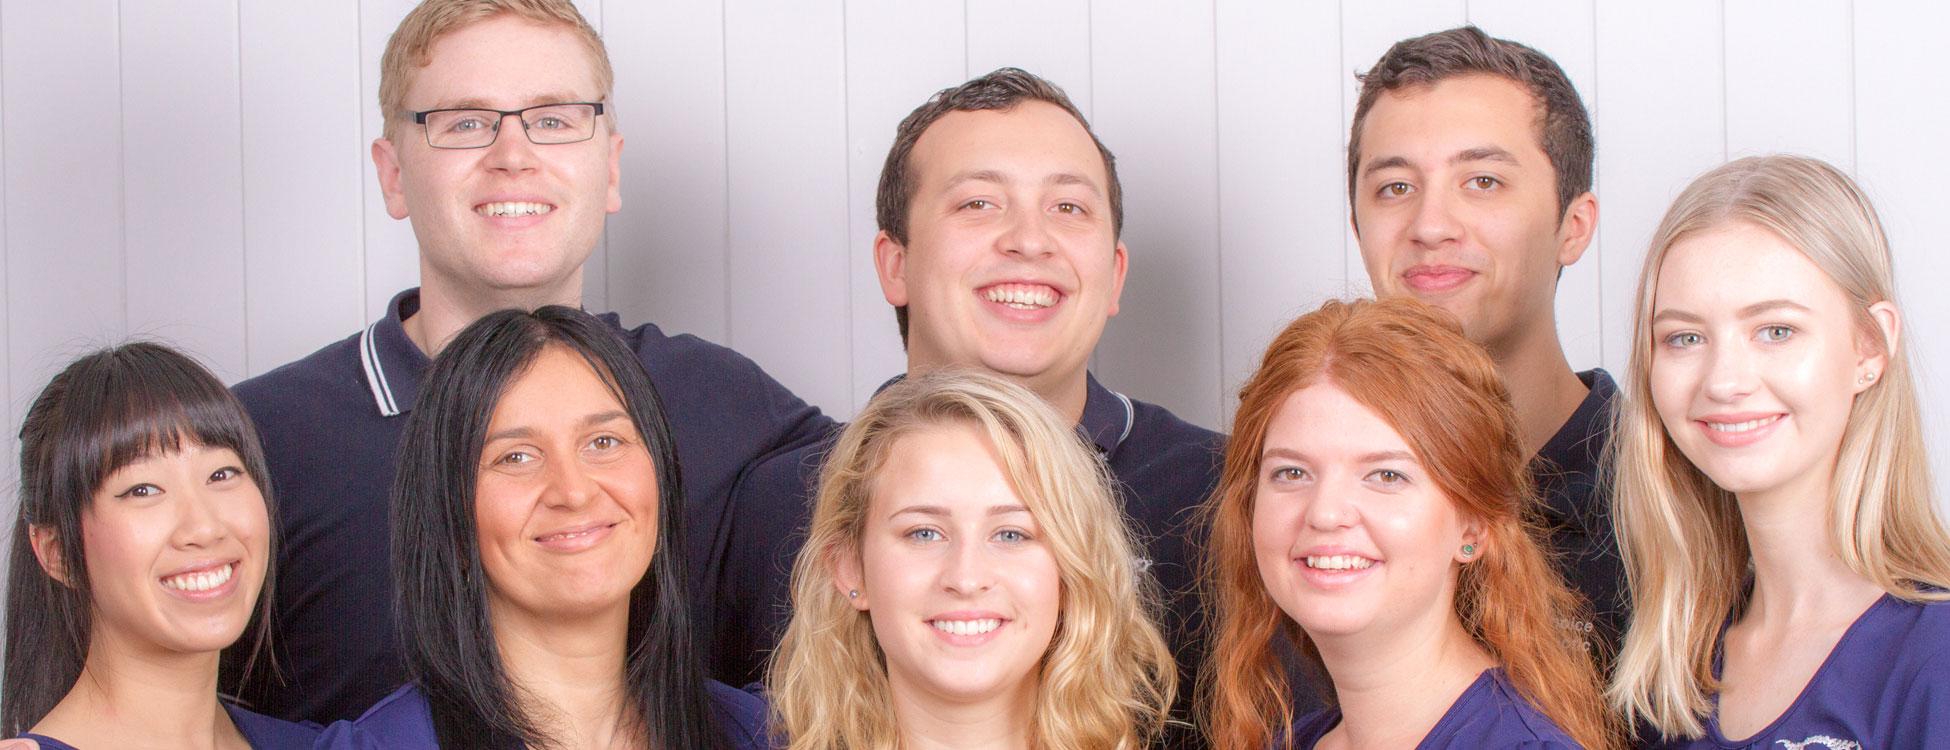 Brisbane Chiropractor Our Team